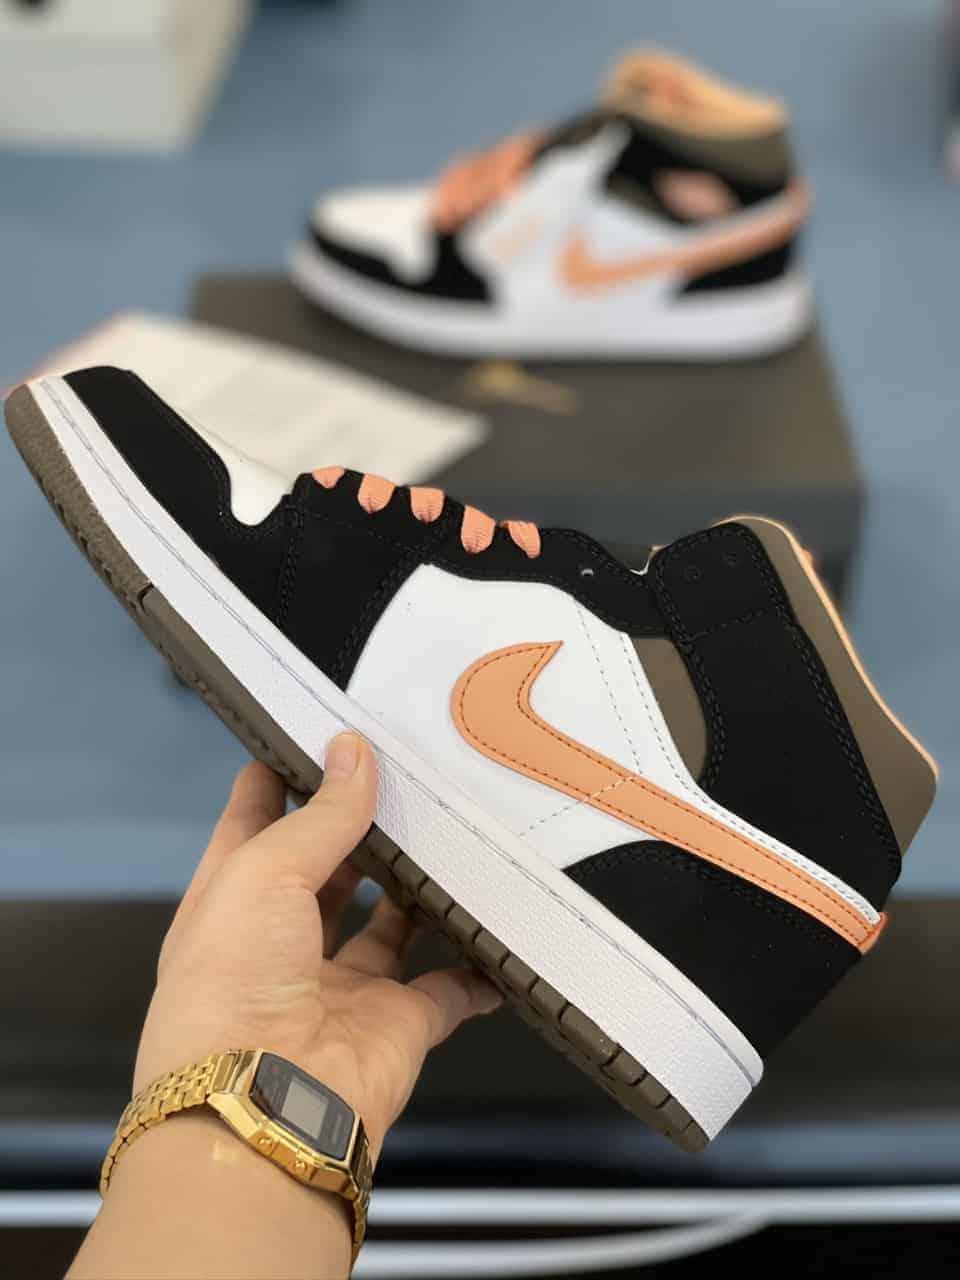 Jordan 1 Mid PEACH MOCHA Rep 1:1 xứng đáng là lựa chọn nên ưu tiên của mọi tín đồ mê giày